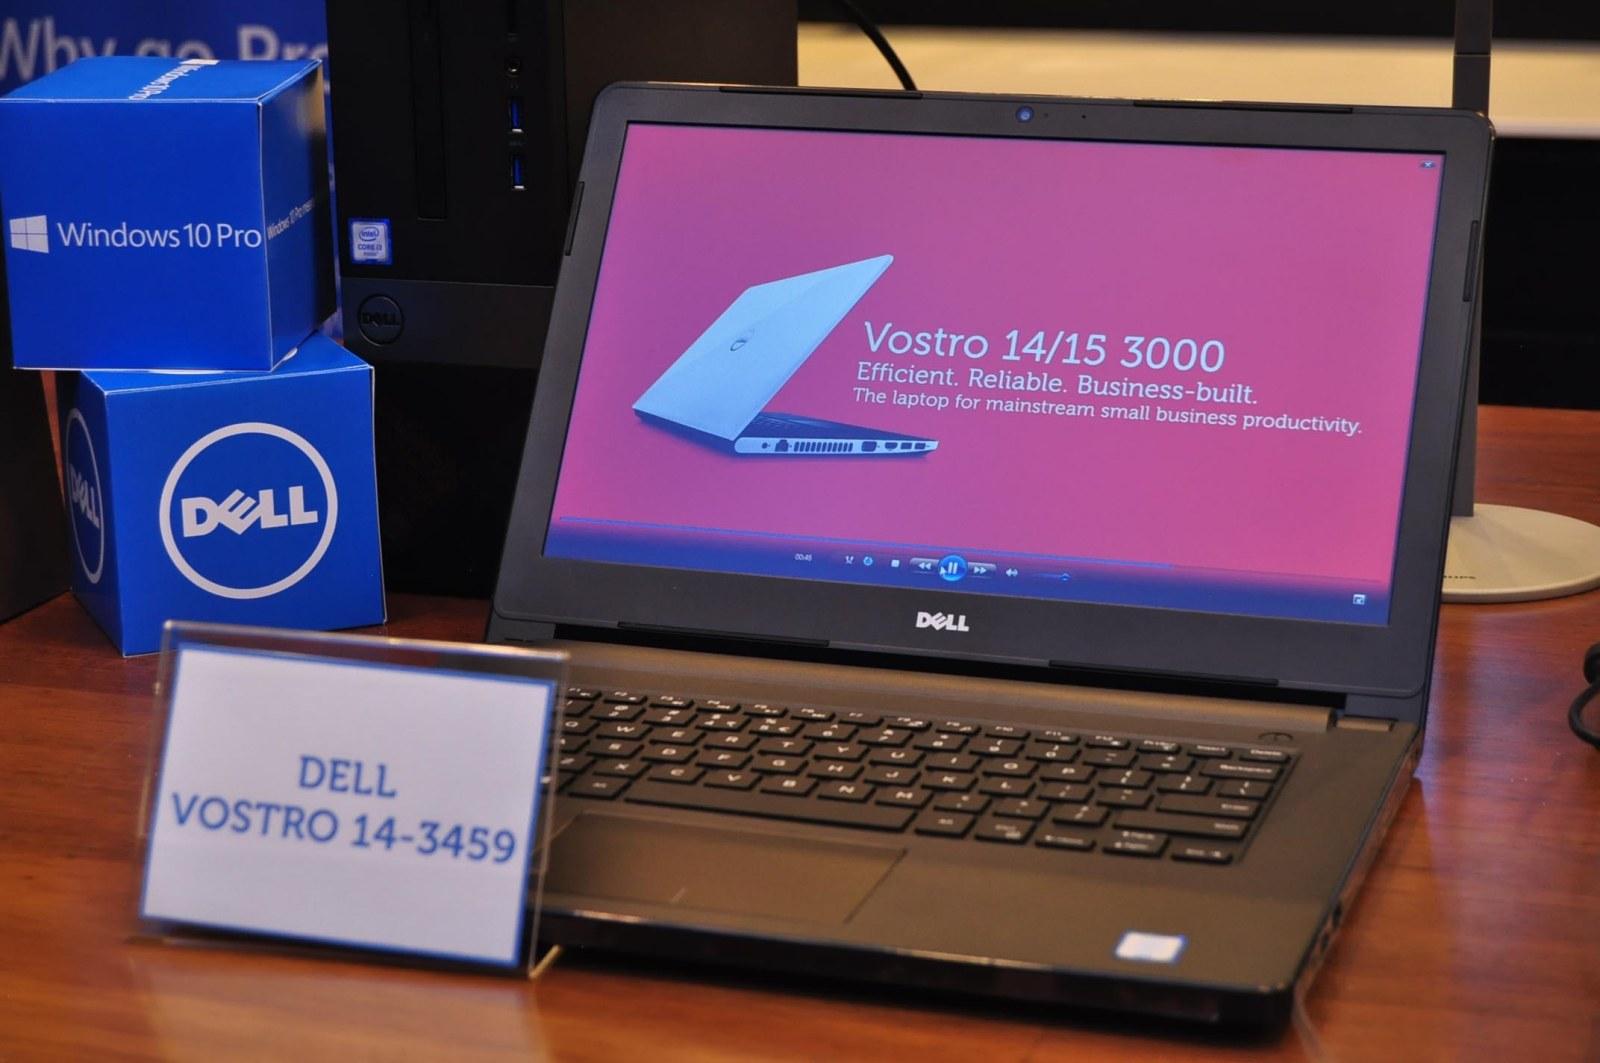 Dell Vostro Service Center